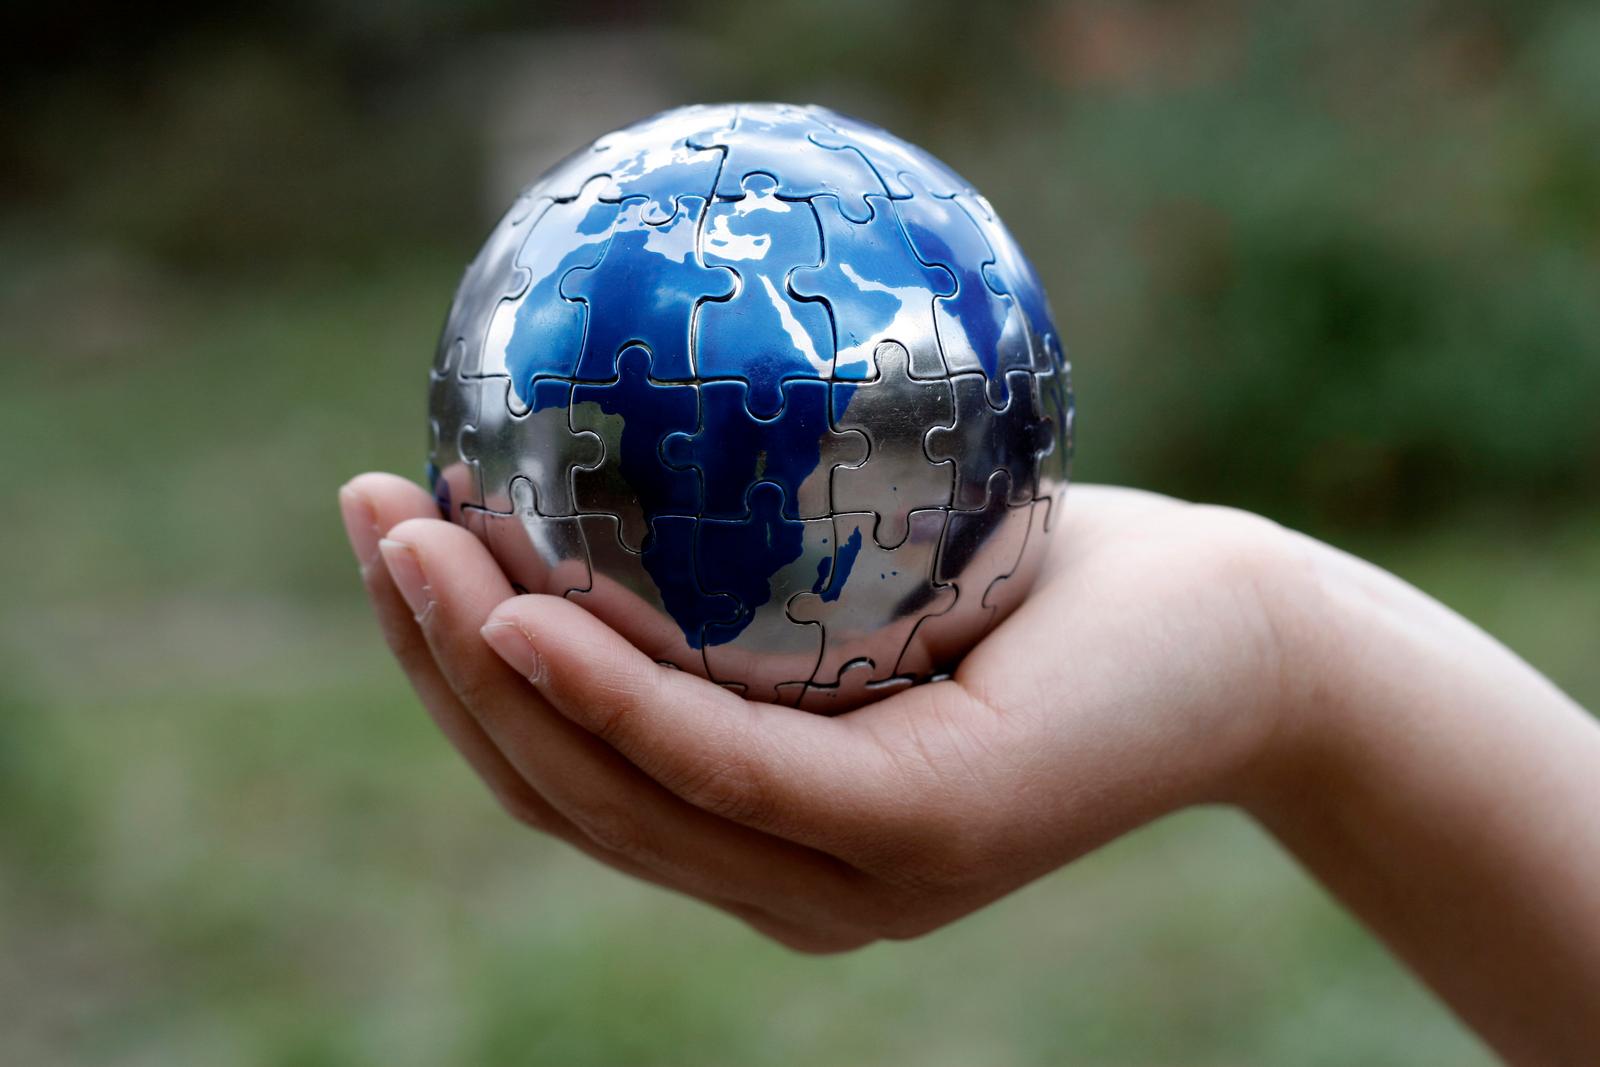 Omverdensanalyse